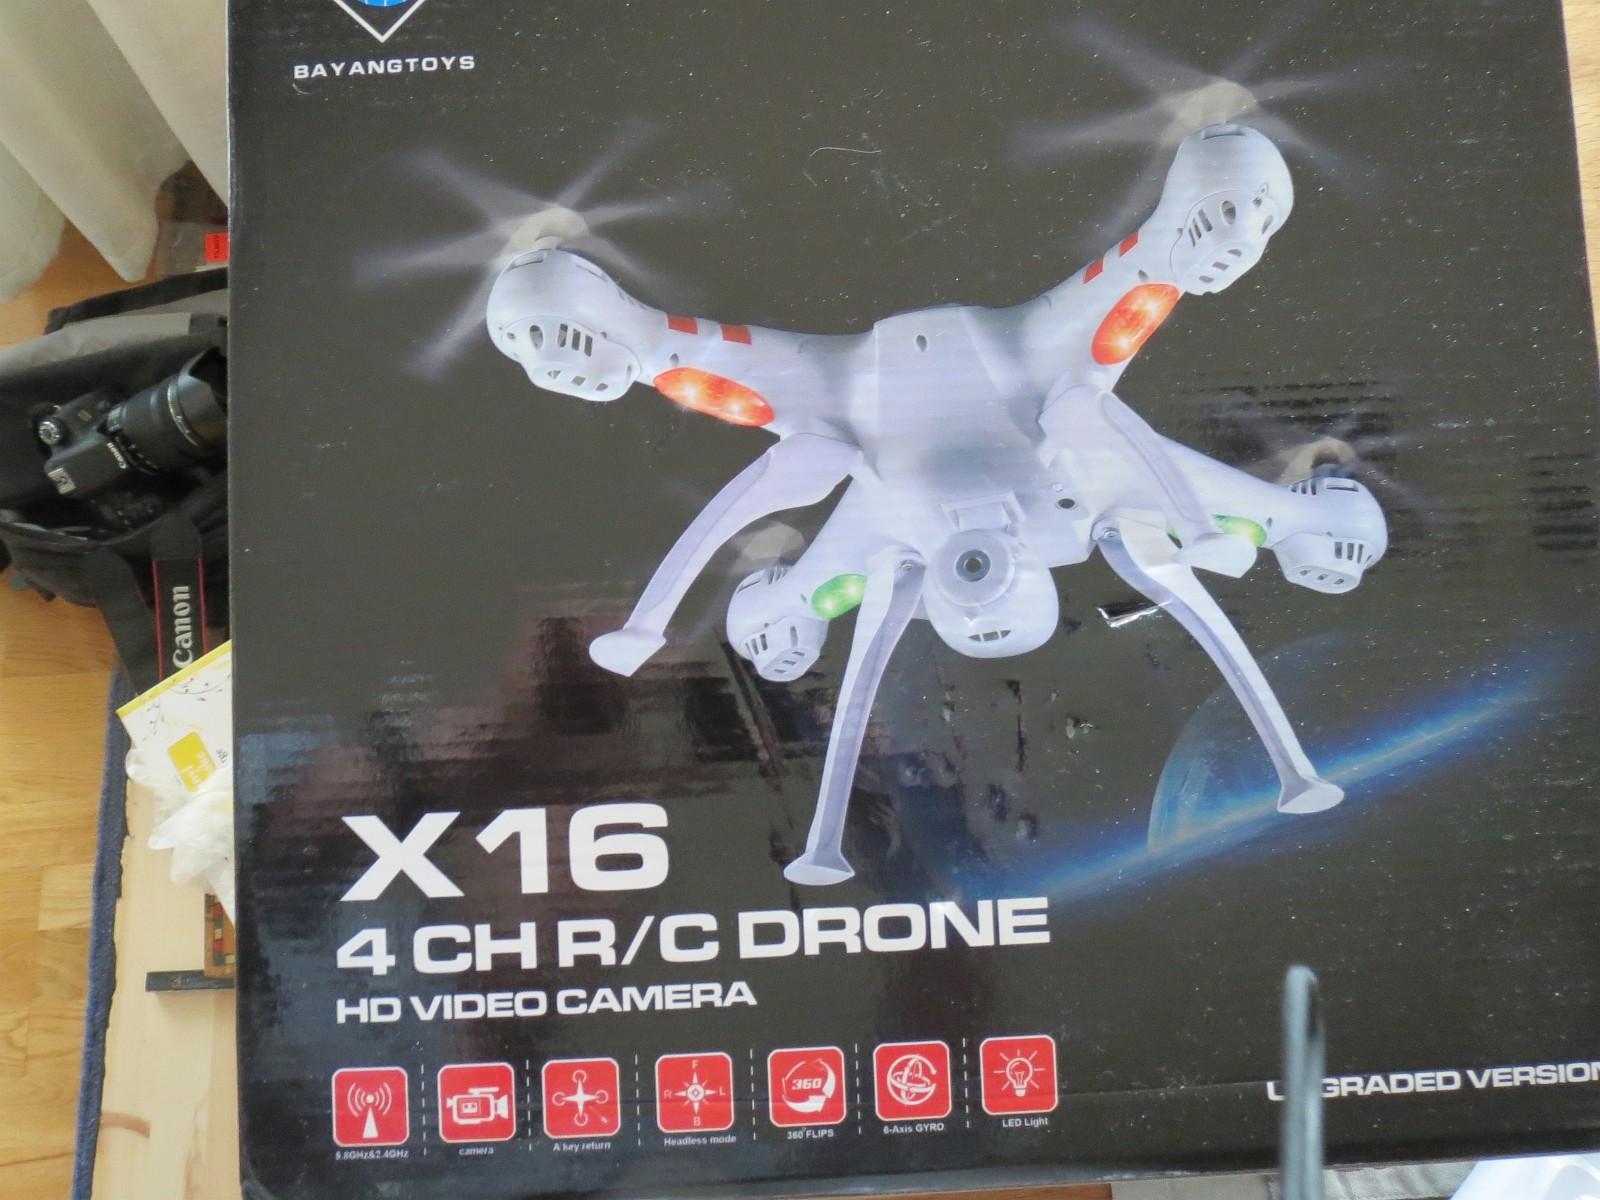 DRONE X16 MED KAMERA - Molde  - Drone med 2 mp kamera. Brukt i 20 minutter, fremstår som ny. Størrelse 51 x51, høyde 19, alt i cm. Flytid pr batteri ca 14 min. 2 batteri,1sett med føtter og 2 sett med propeller følger med som ekstra Rekkevidde 350 med, kom hjem fu - Molde